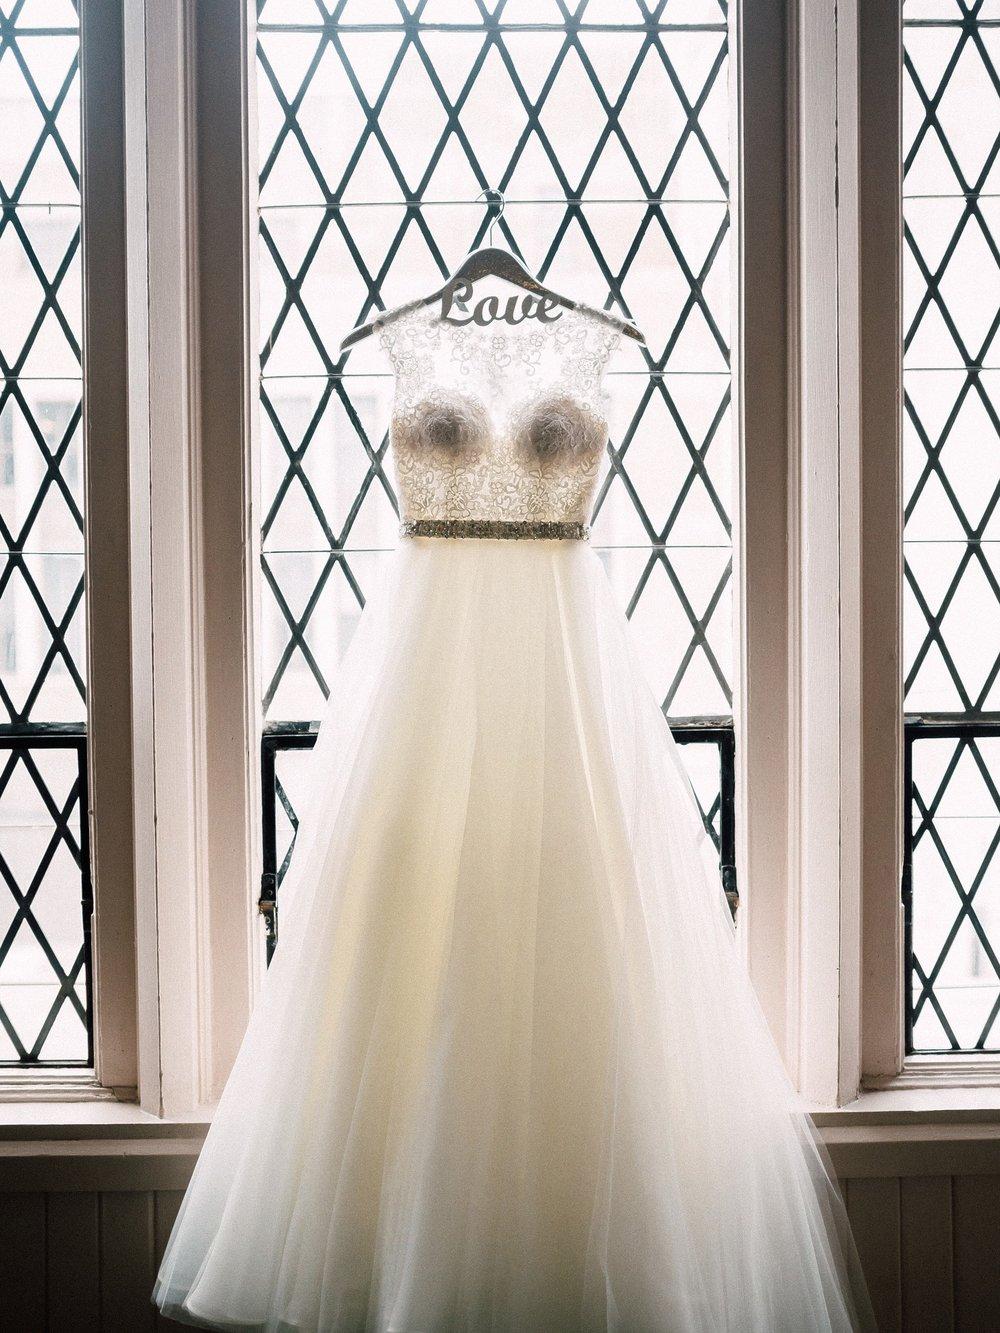 detroit_wedding_blaine_siesser_0005_std.jpg